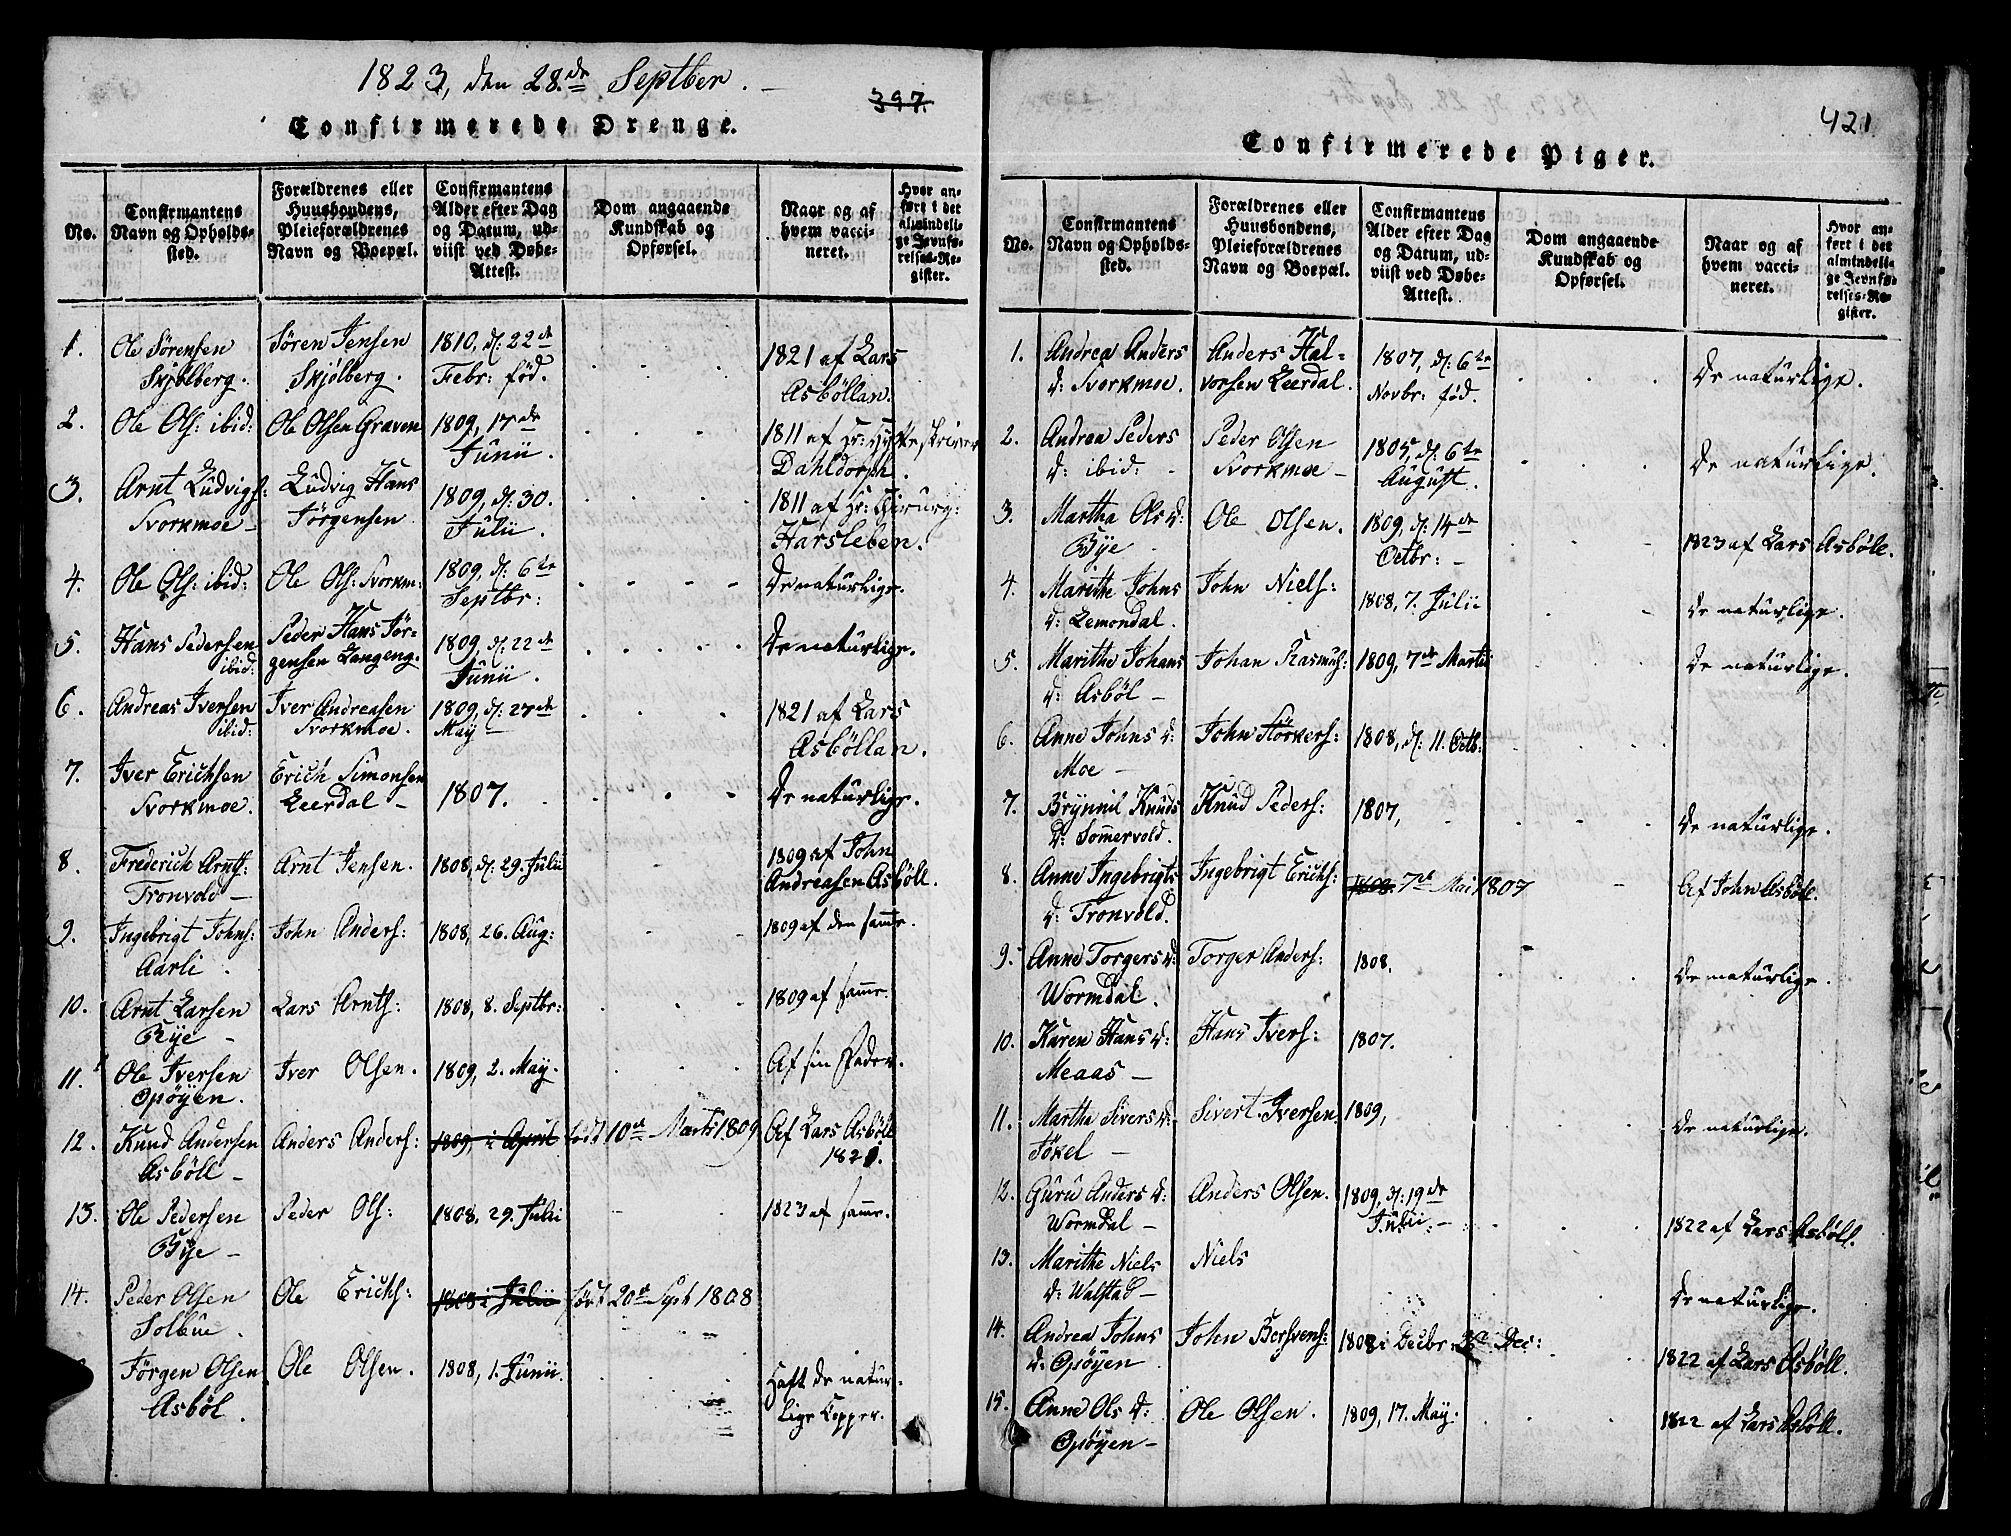 SAT, Ministerialprotokoller, klokkerbøker og fødselsregistre - Sør-Trøndelag, 671/L0842: Klokkerbok nr. 671C01, 1816-1867, s. 420-421